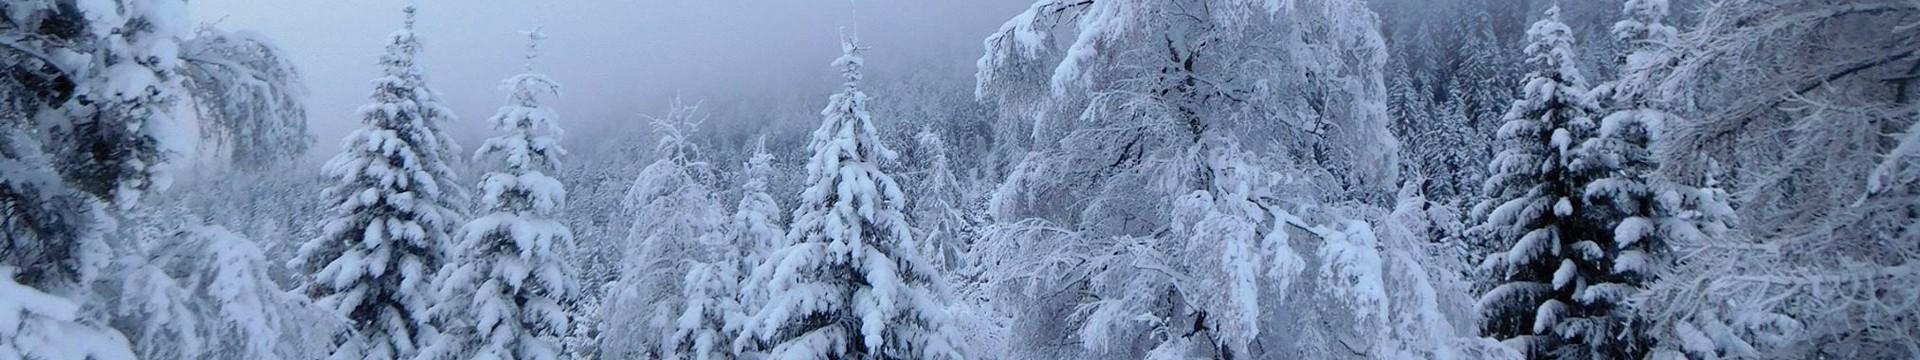 neige-collante-03-9057